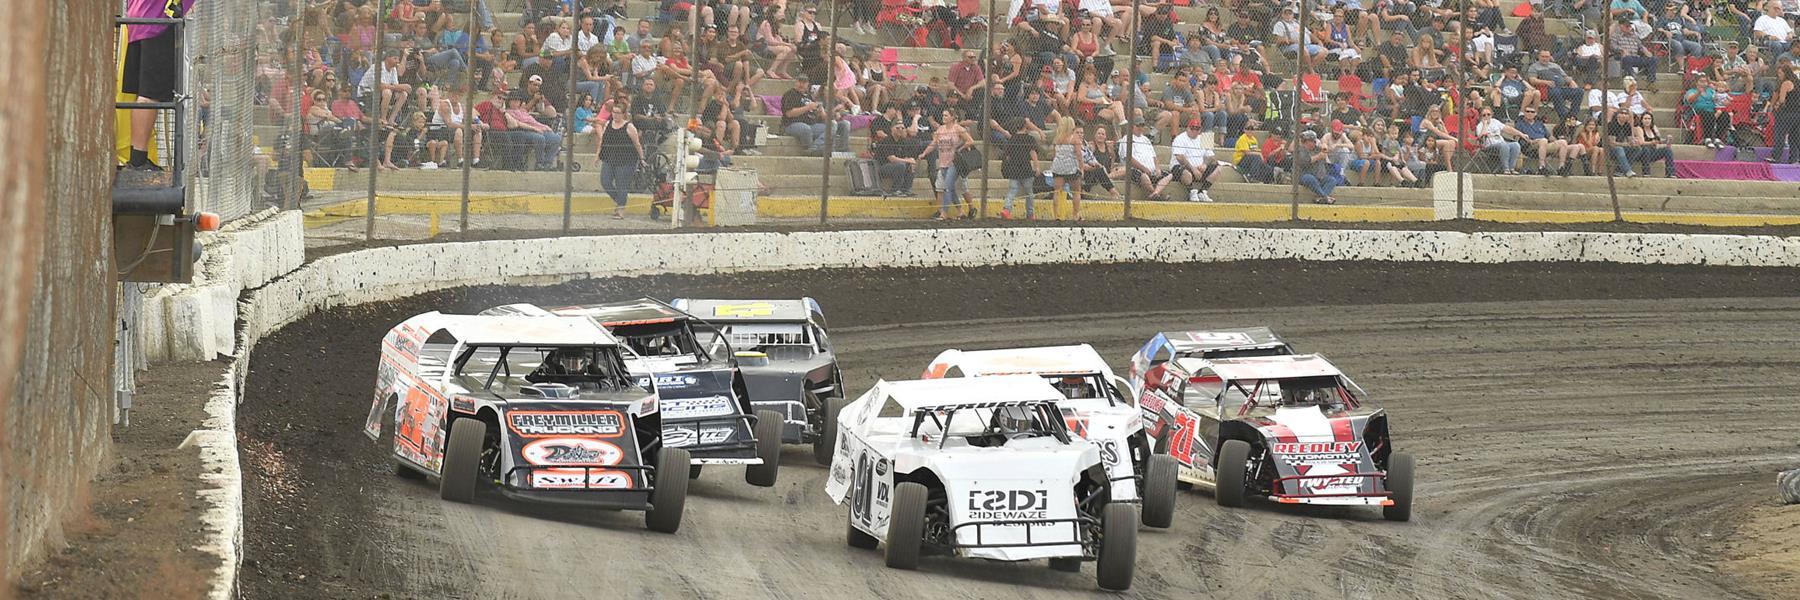 11/16/2021 - Bakersfield Speedway